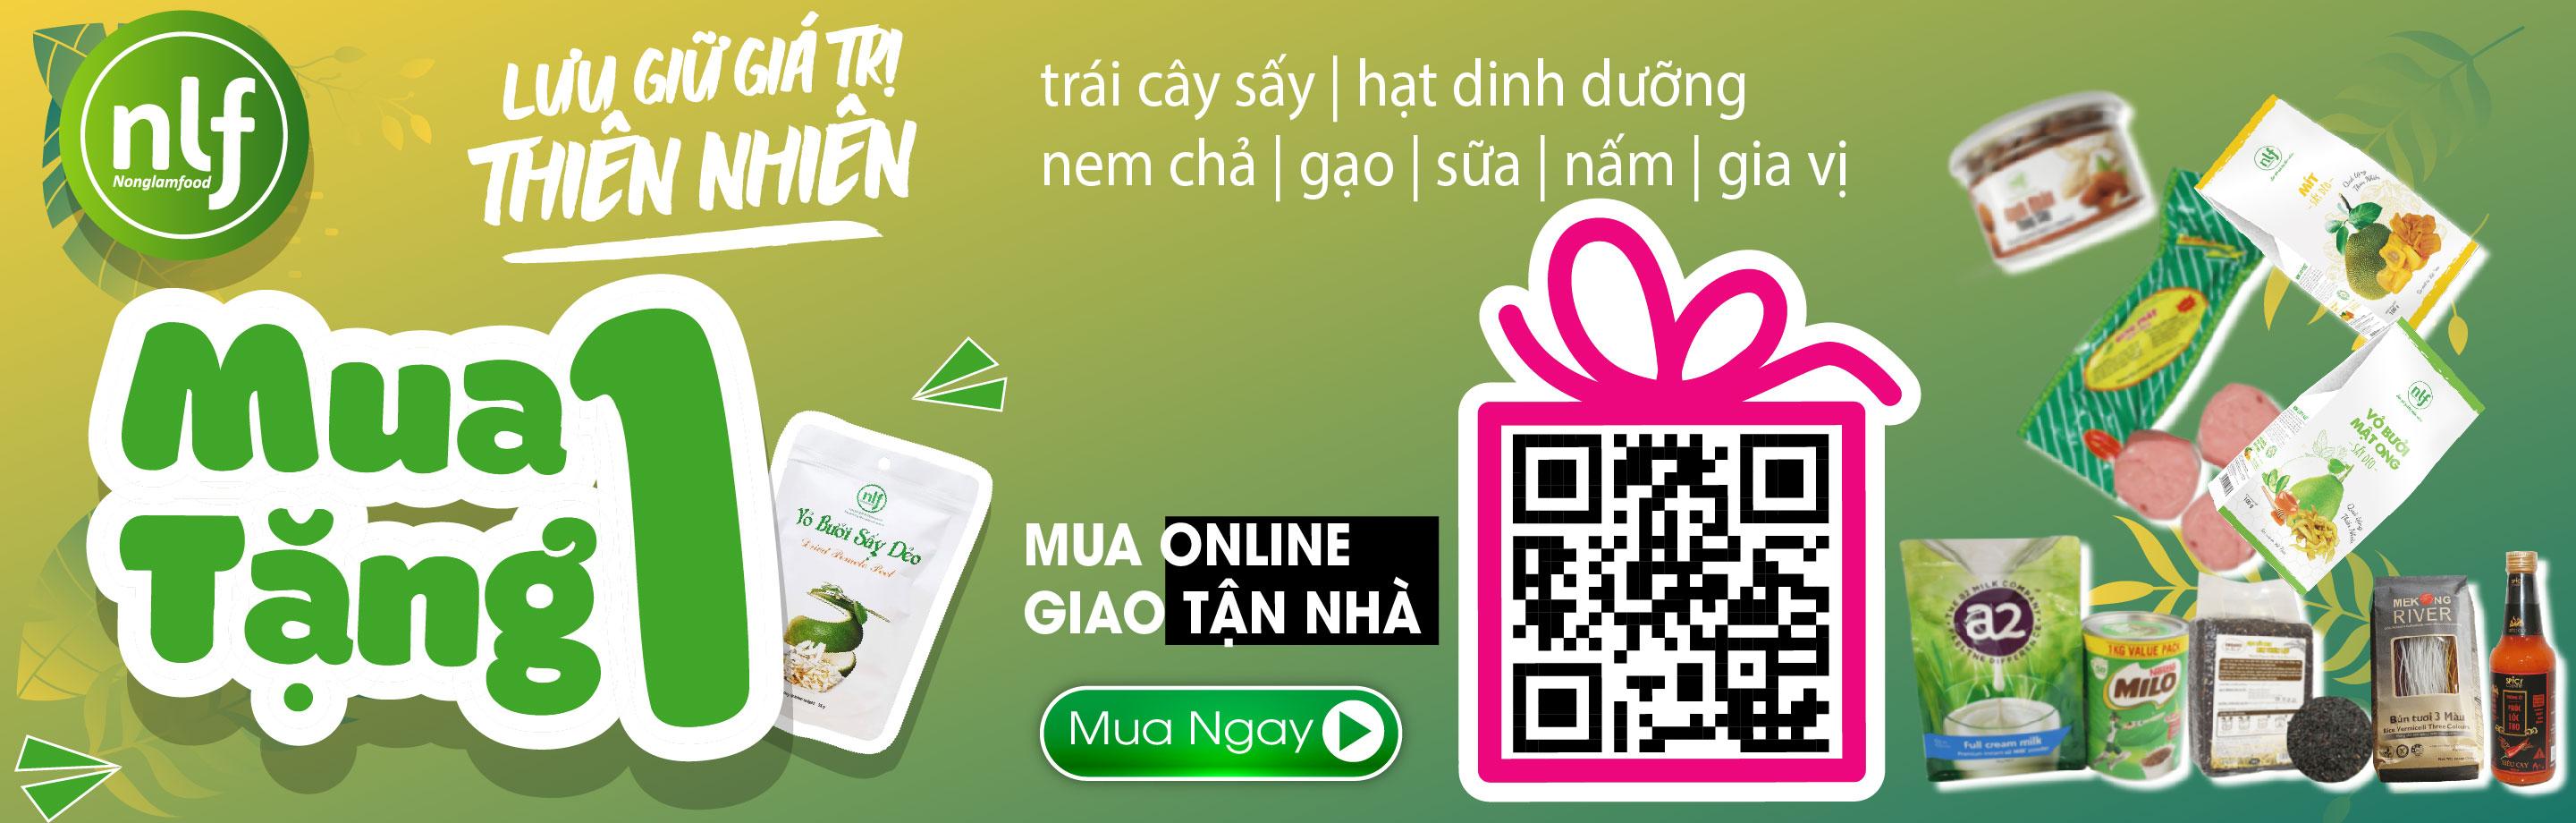 Trái cây sấy   hạt dinh dưỡng   gạo   bún   bánh tráng   nem chả   sữa   gia vị - mua 1 tặng 1 -  mua online giao tận nhà